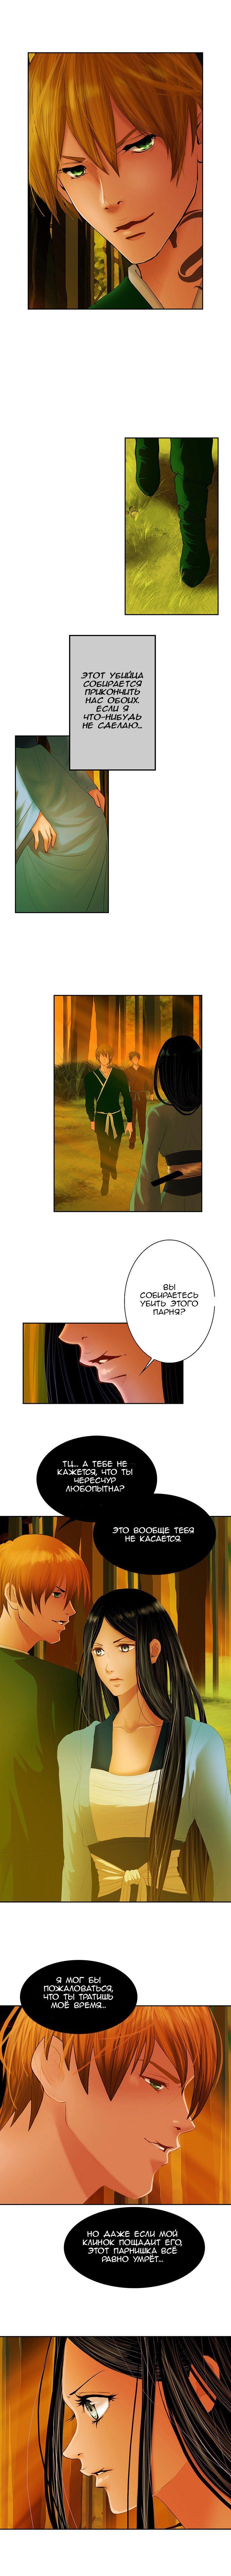 Манга Мой дорогой хладнокровный король - Глава 2 Страница 1